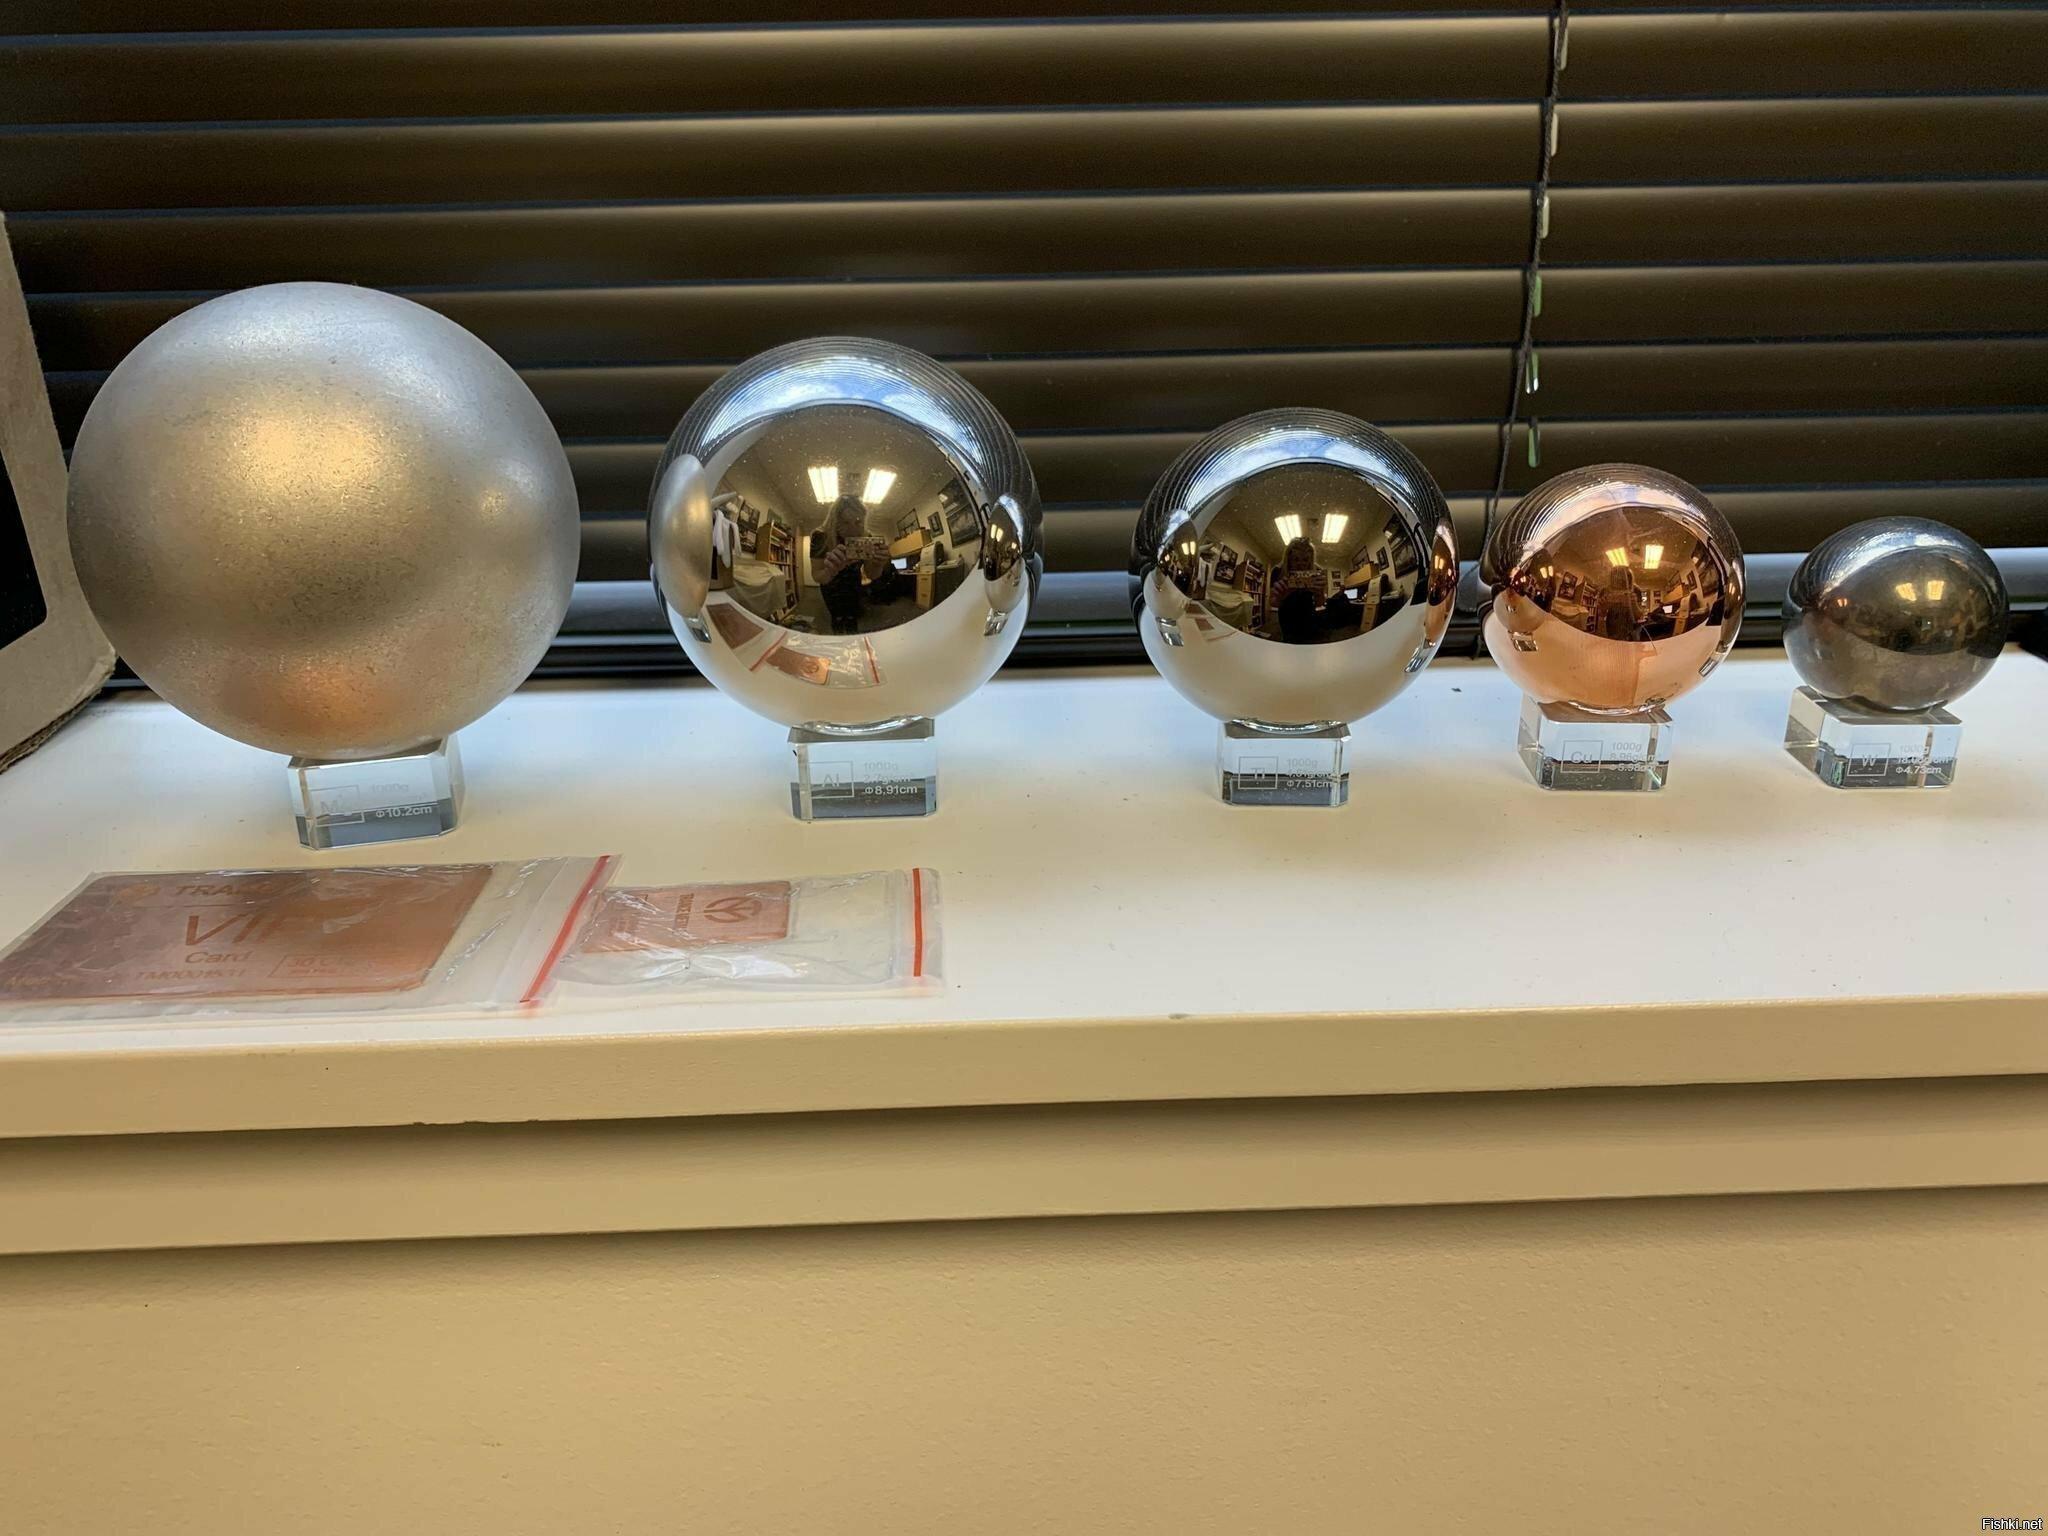 Каждый шарик весит 1 кг